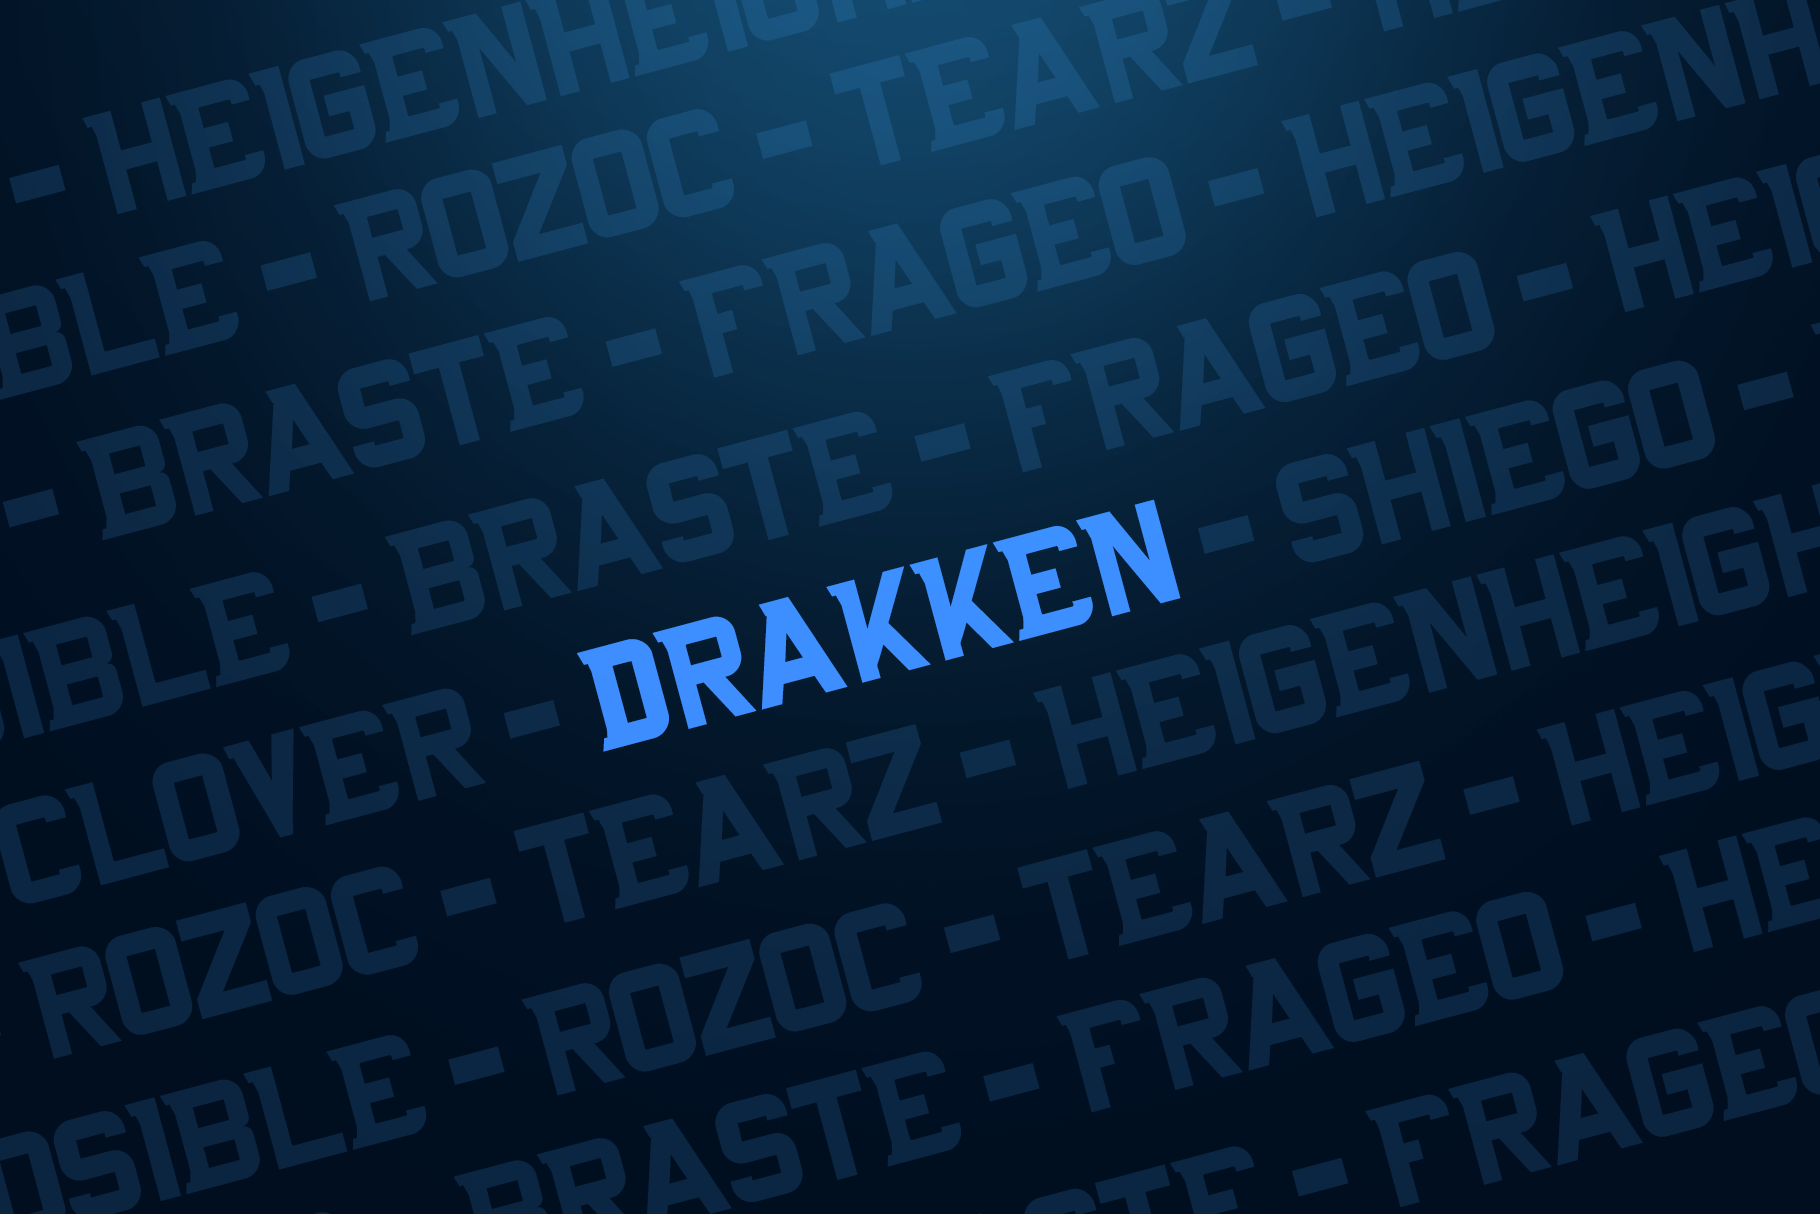 DRAKKEN EXCLUSIVE DISPLAY FONT example image 2